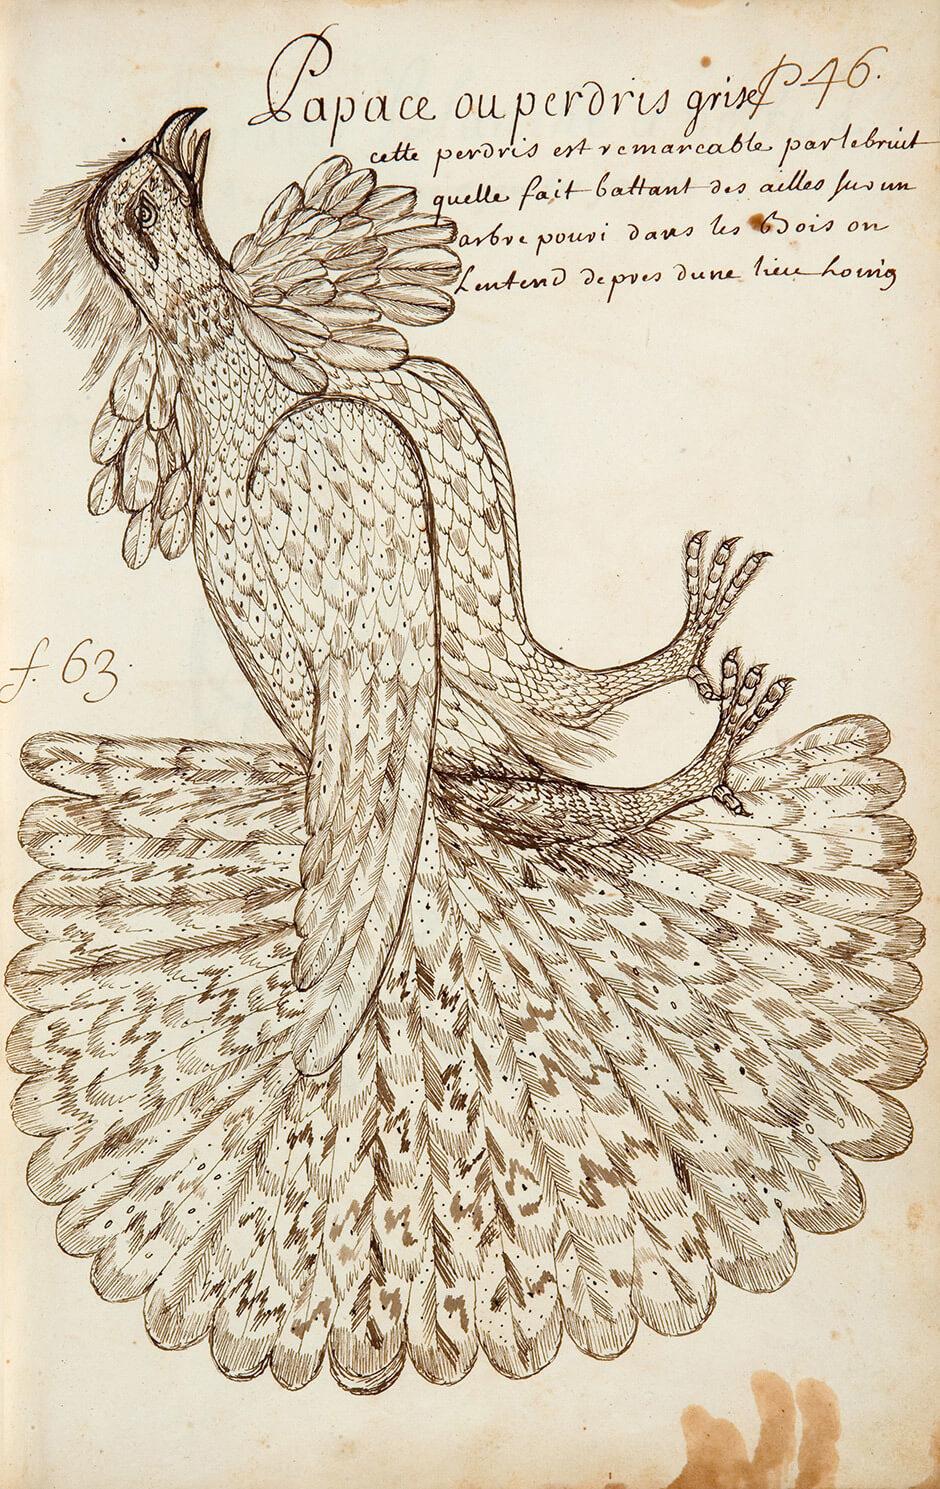 Louis Nicolas,Papace, or Grey Partridge, n.d.